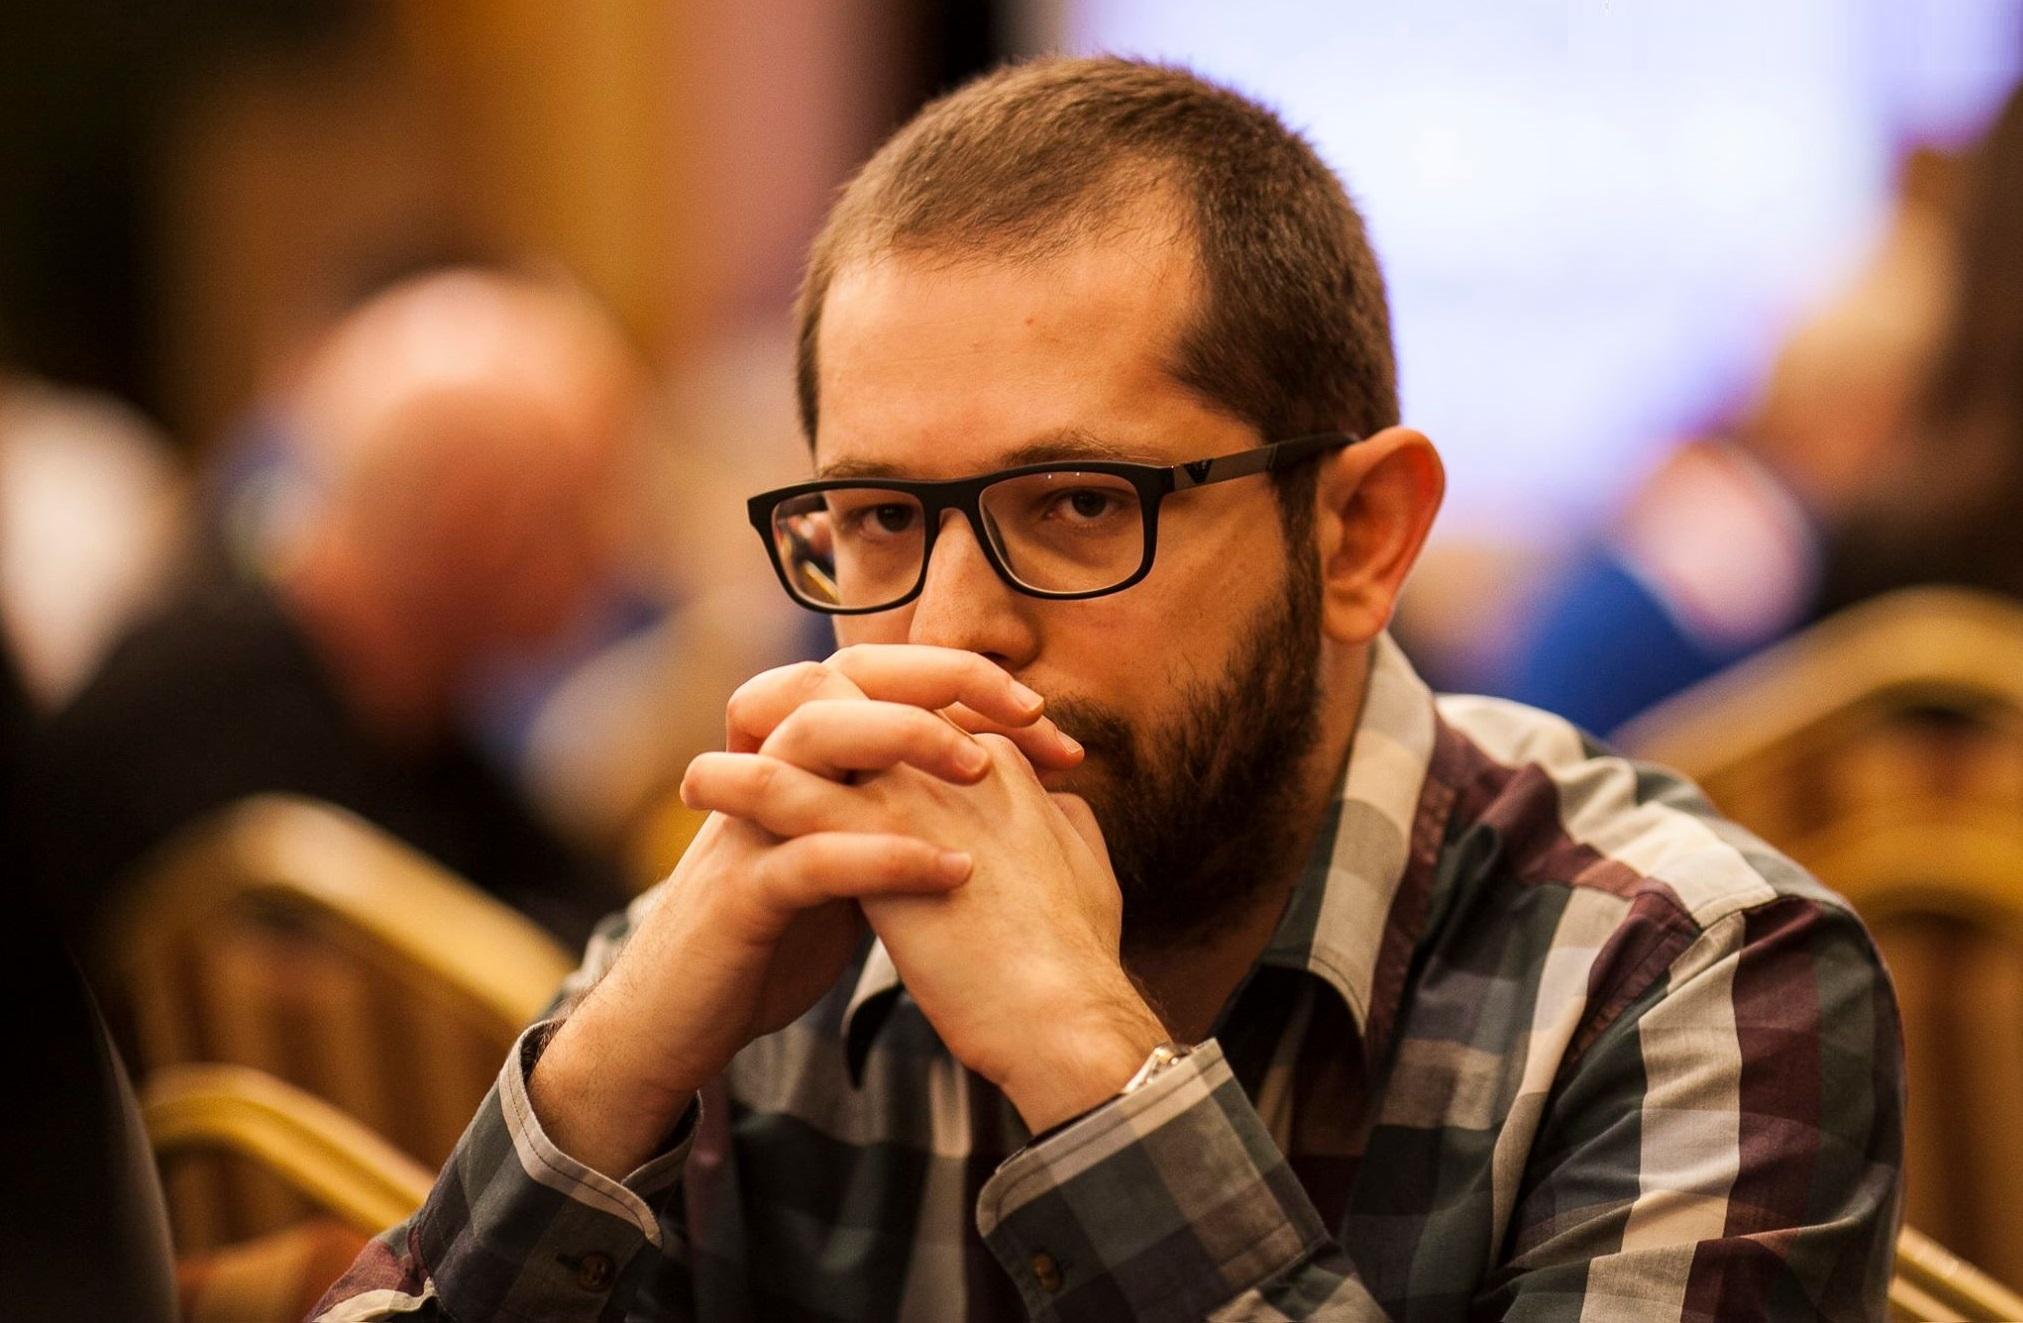 Илья Городецкий: «Меня крайне расстраивает вектор движения PokerStars в последнее время»